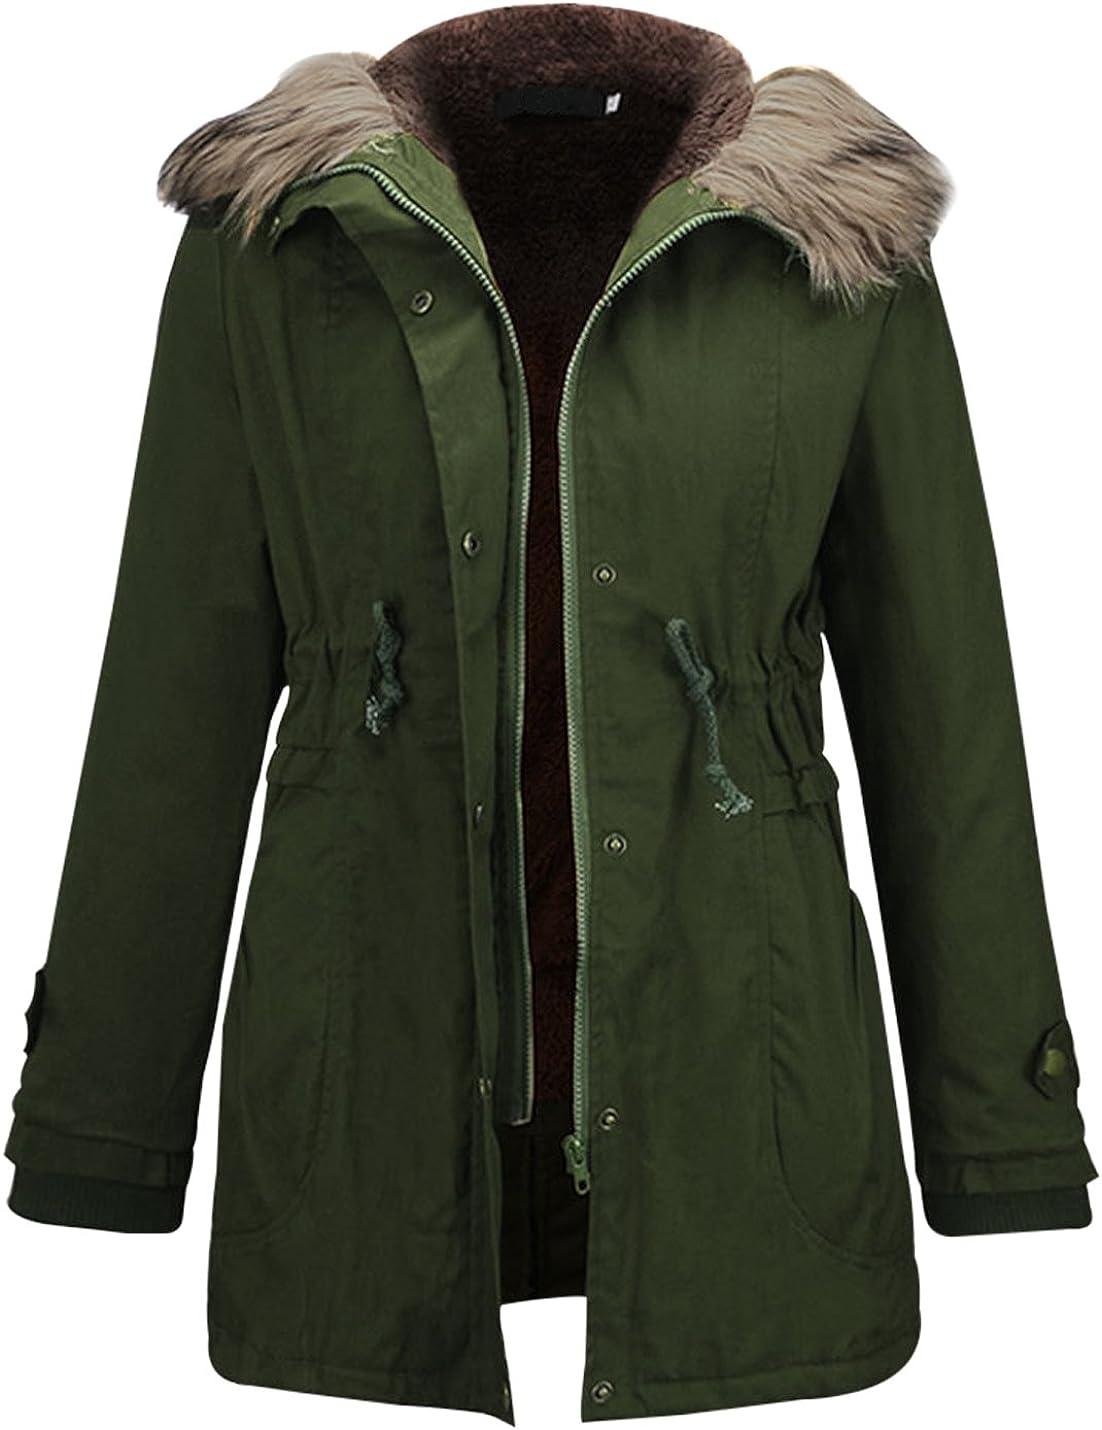 Jenkoon Women's Winter Military Hooded Faux Fur Lined Parkas Jacket Mid Length Warm Coat